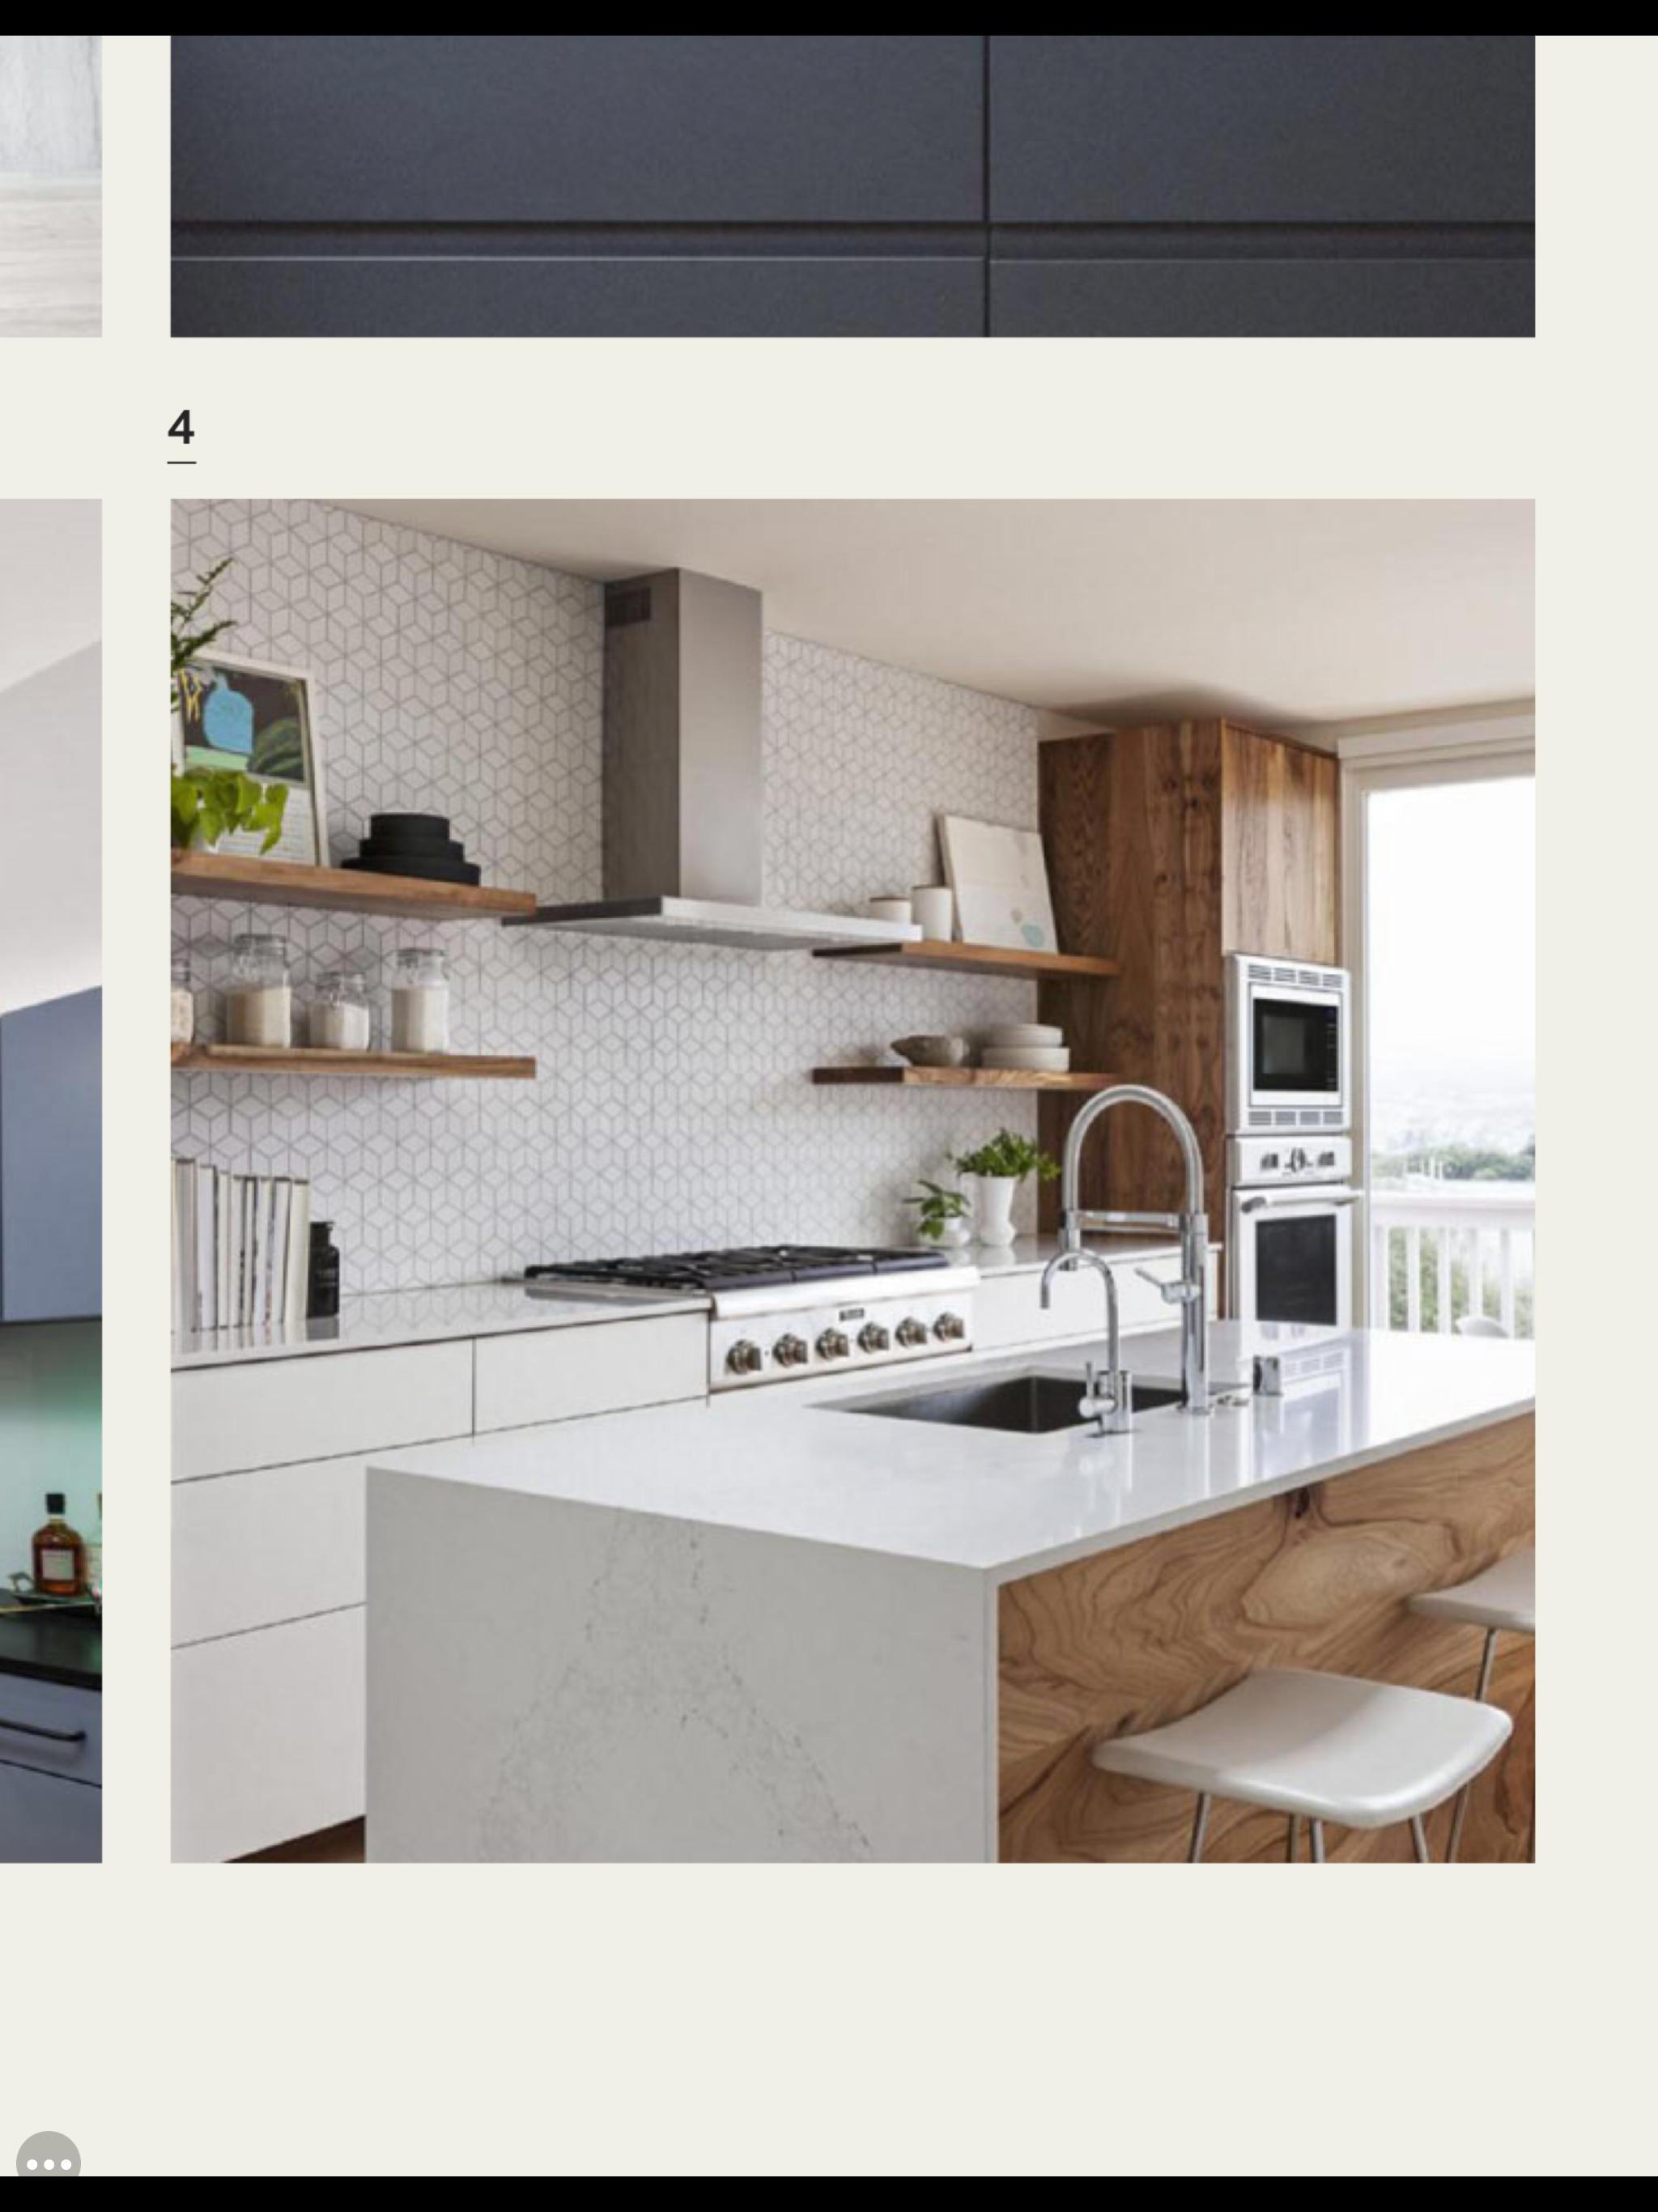 Ausgezeichnet Kleines New York Küchendesign Ideen - Ideen Für Die ...